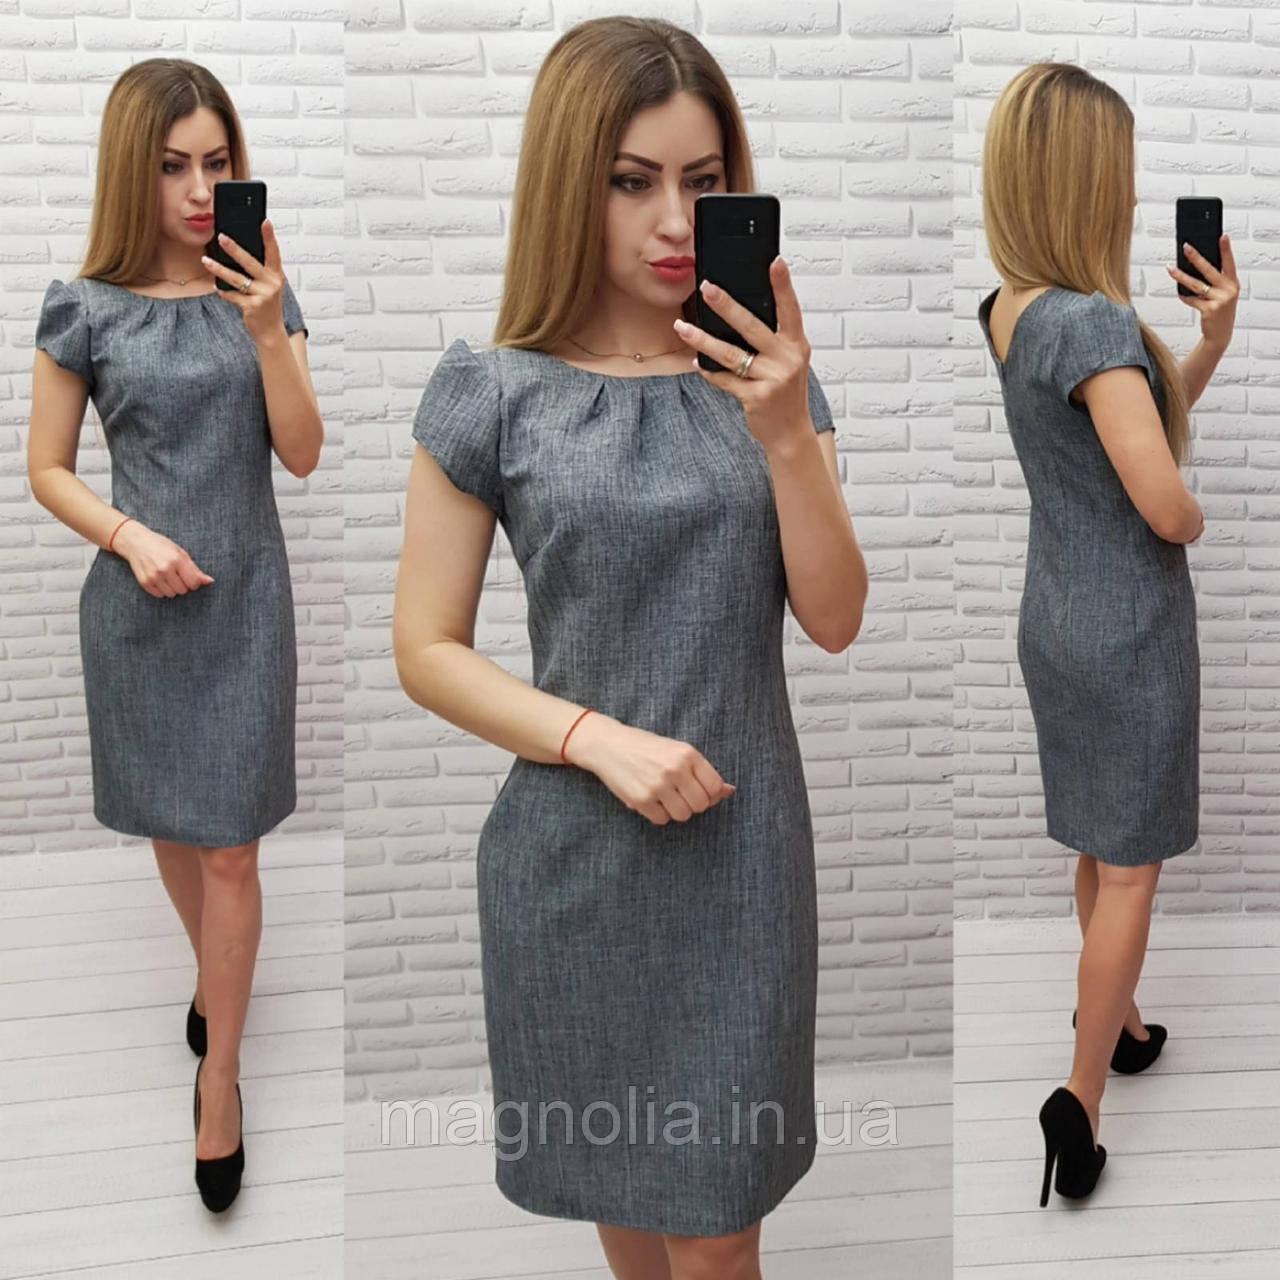 Платье арт. 716/1 серое / серый / серого цвета